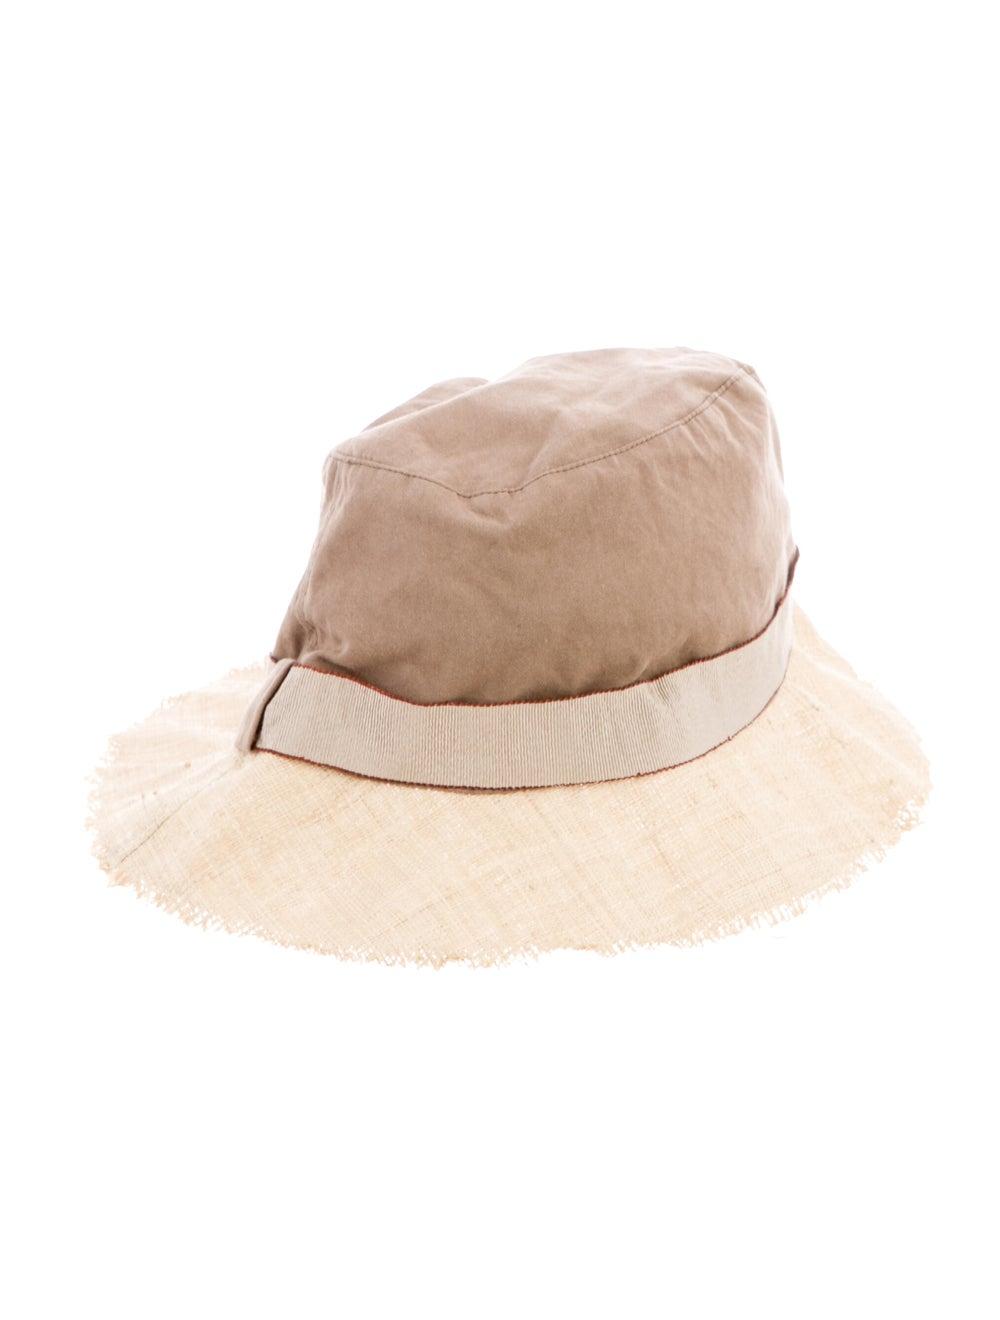 Brunello Cucinelli Two-Tone Wide Brim Hat Tan - image 2